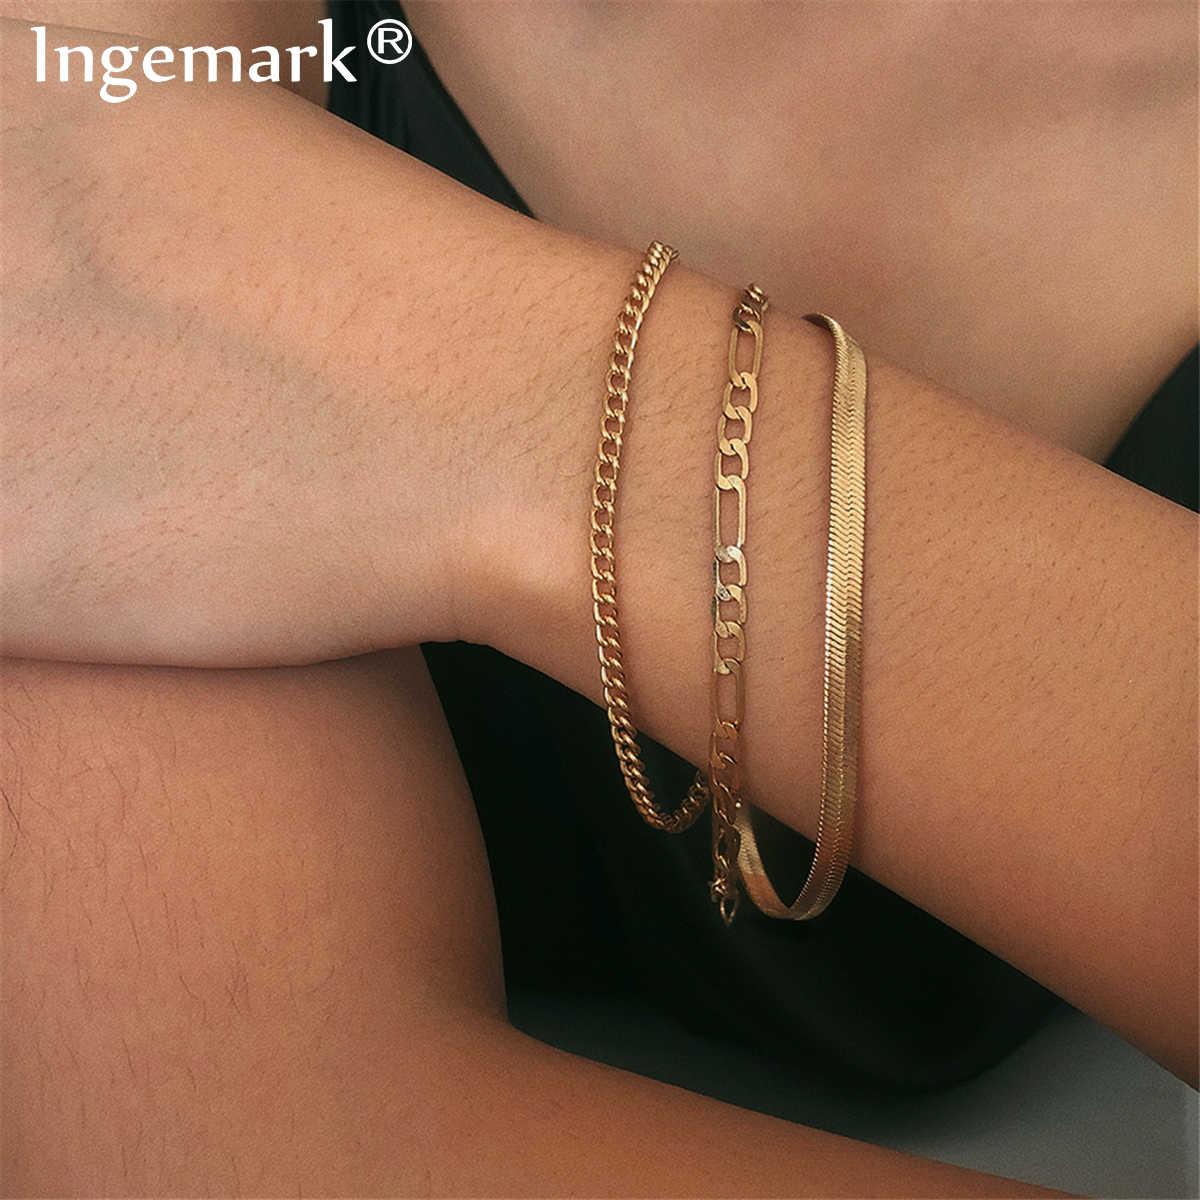 Alta qualidade boho cobra corrente pulseira para mulheres braçadeira punk multi camada heavy metal grosso pulseira de corrente casal jóias